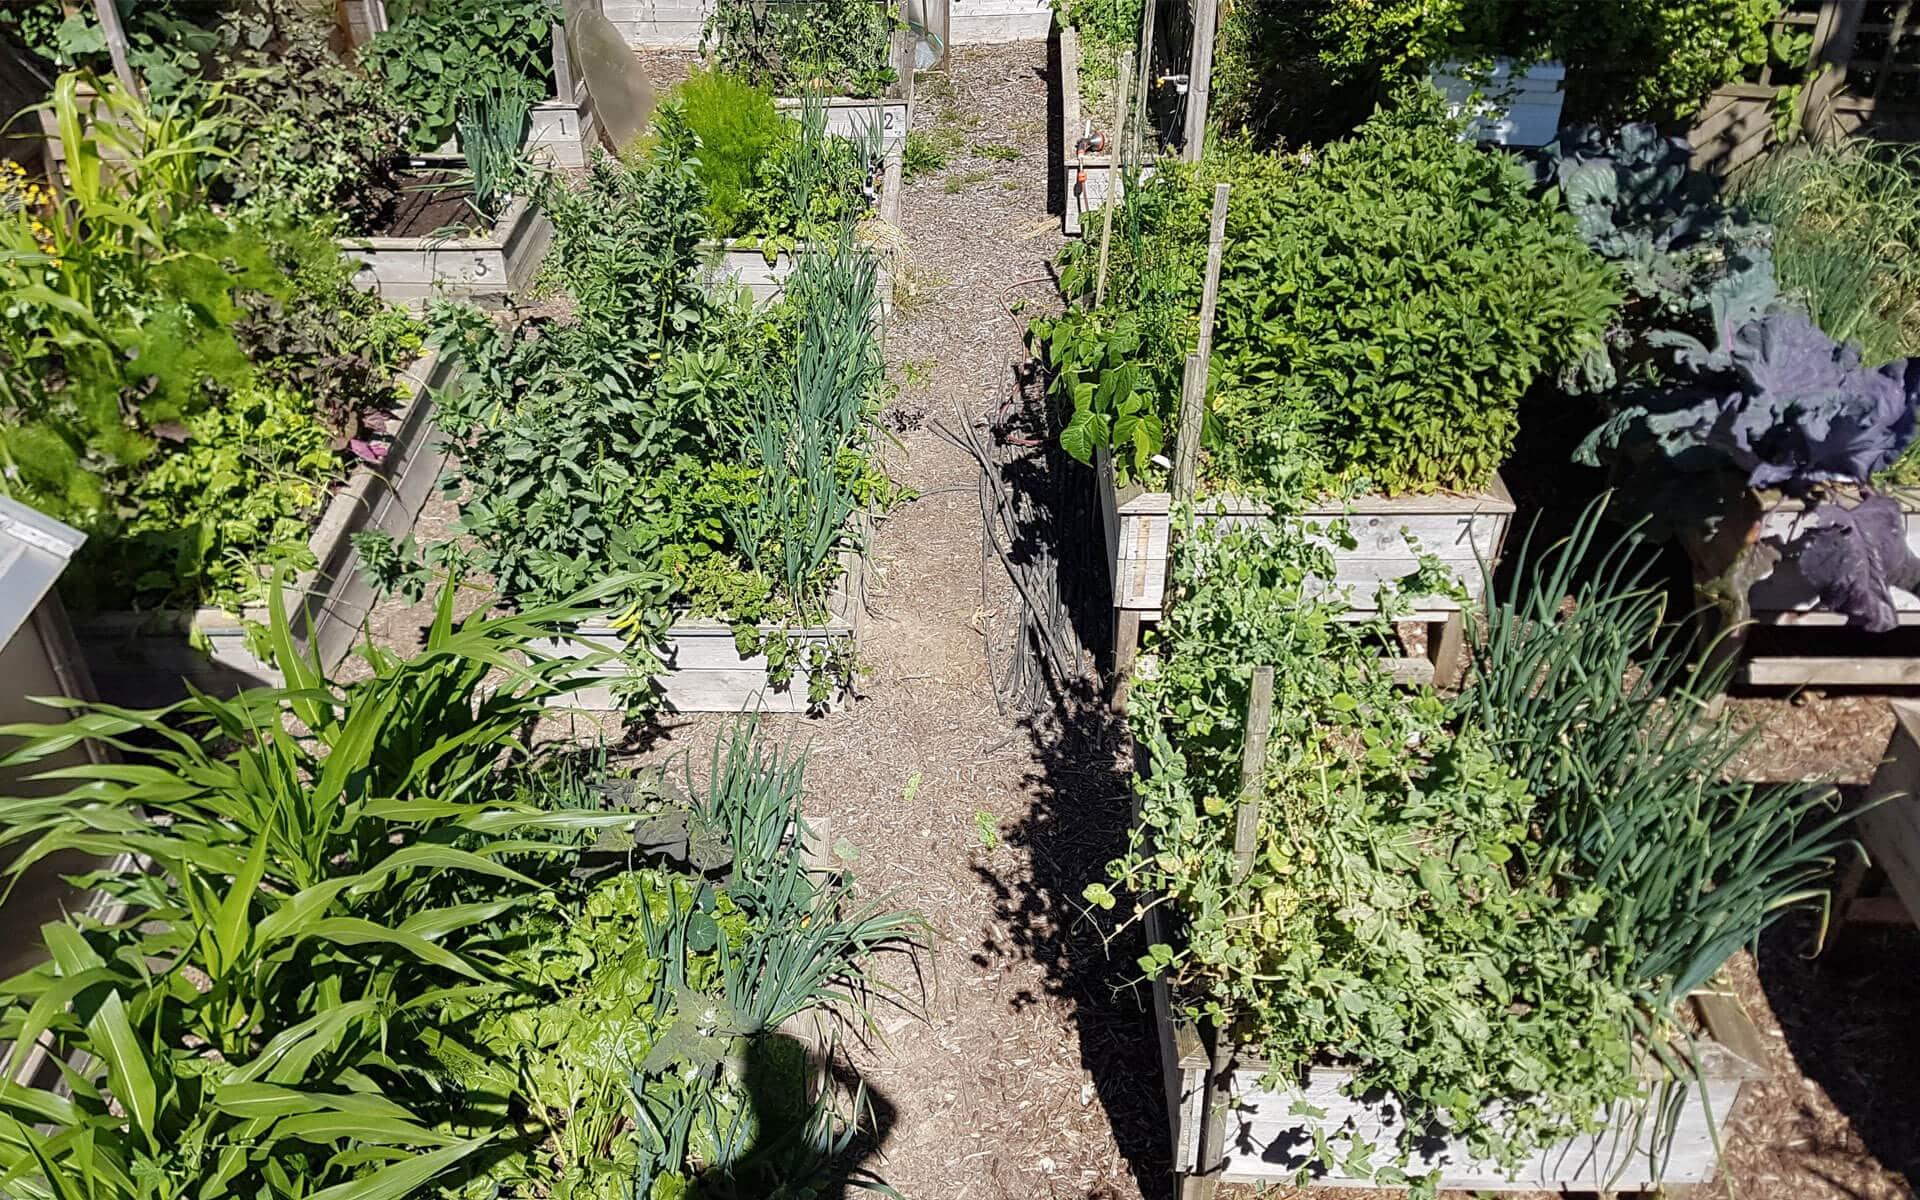 Le potager en carrés respecte-t-il les règles de la permaculture ?